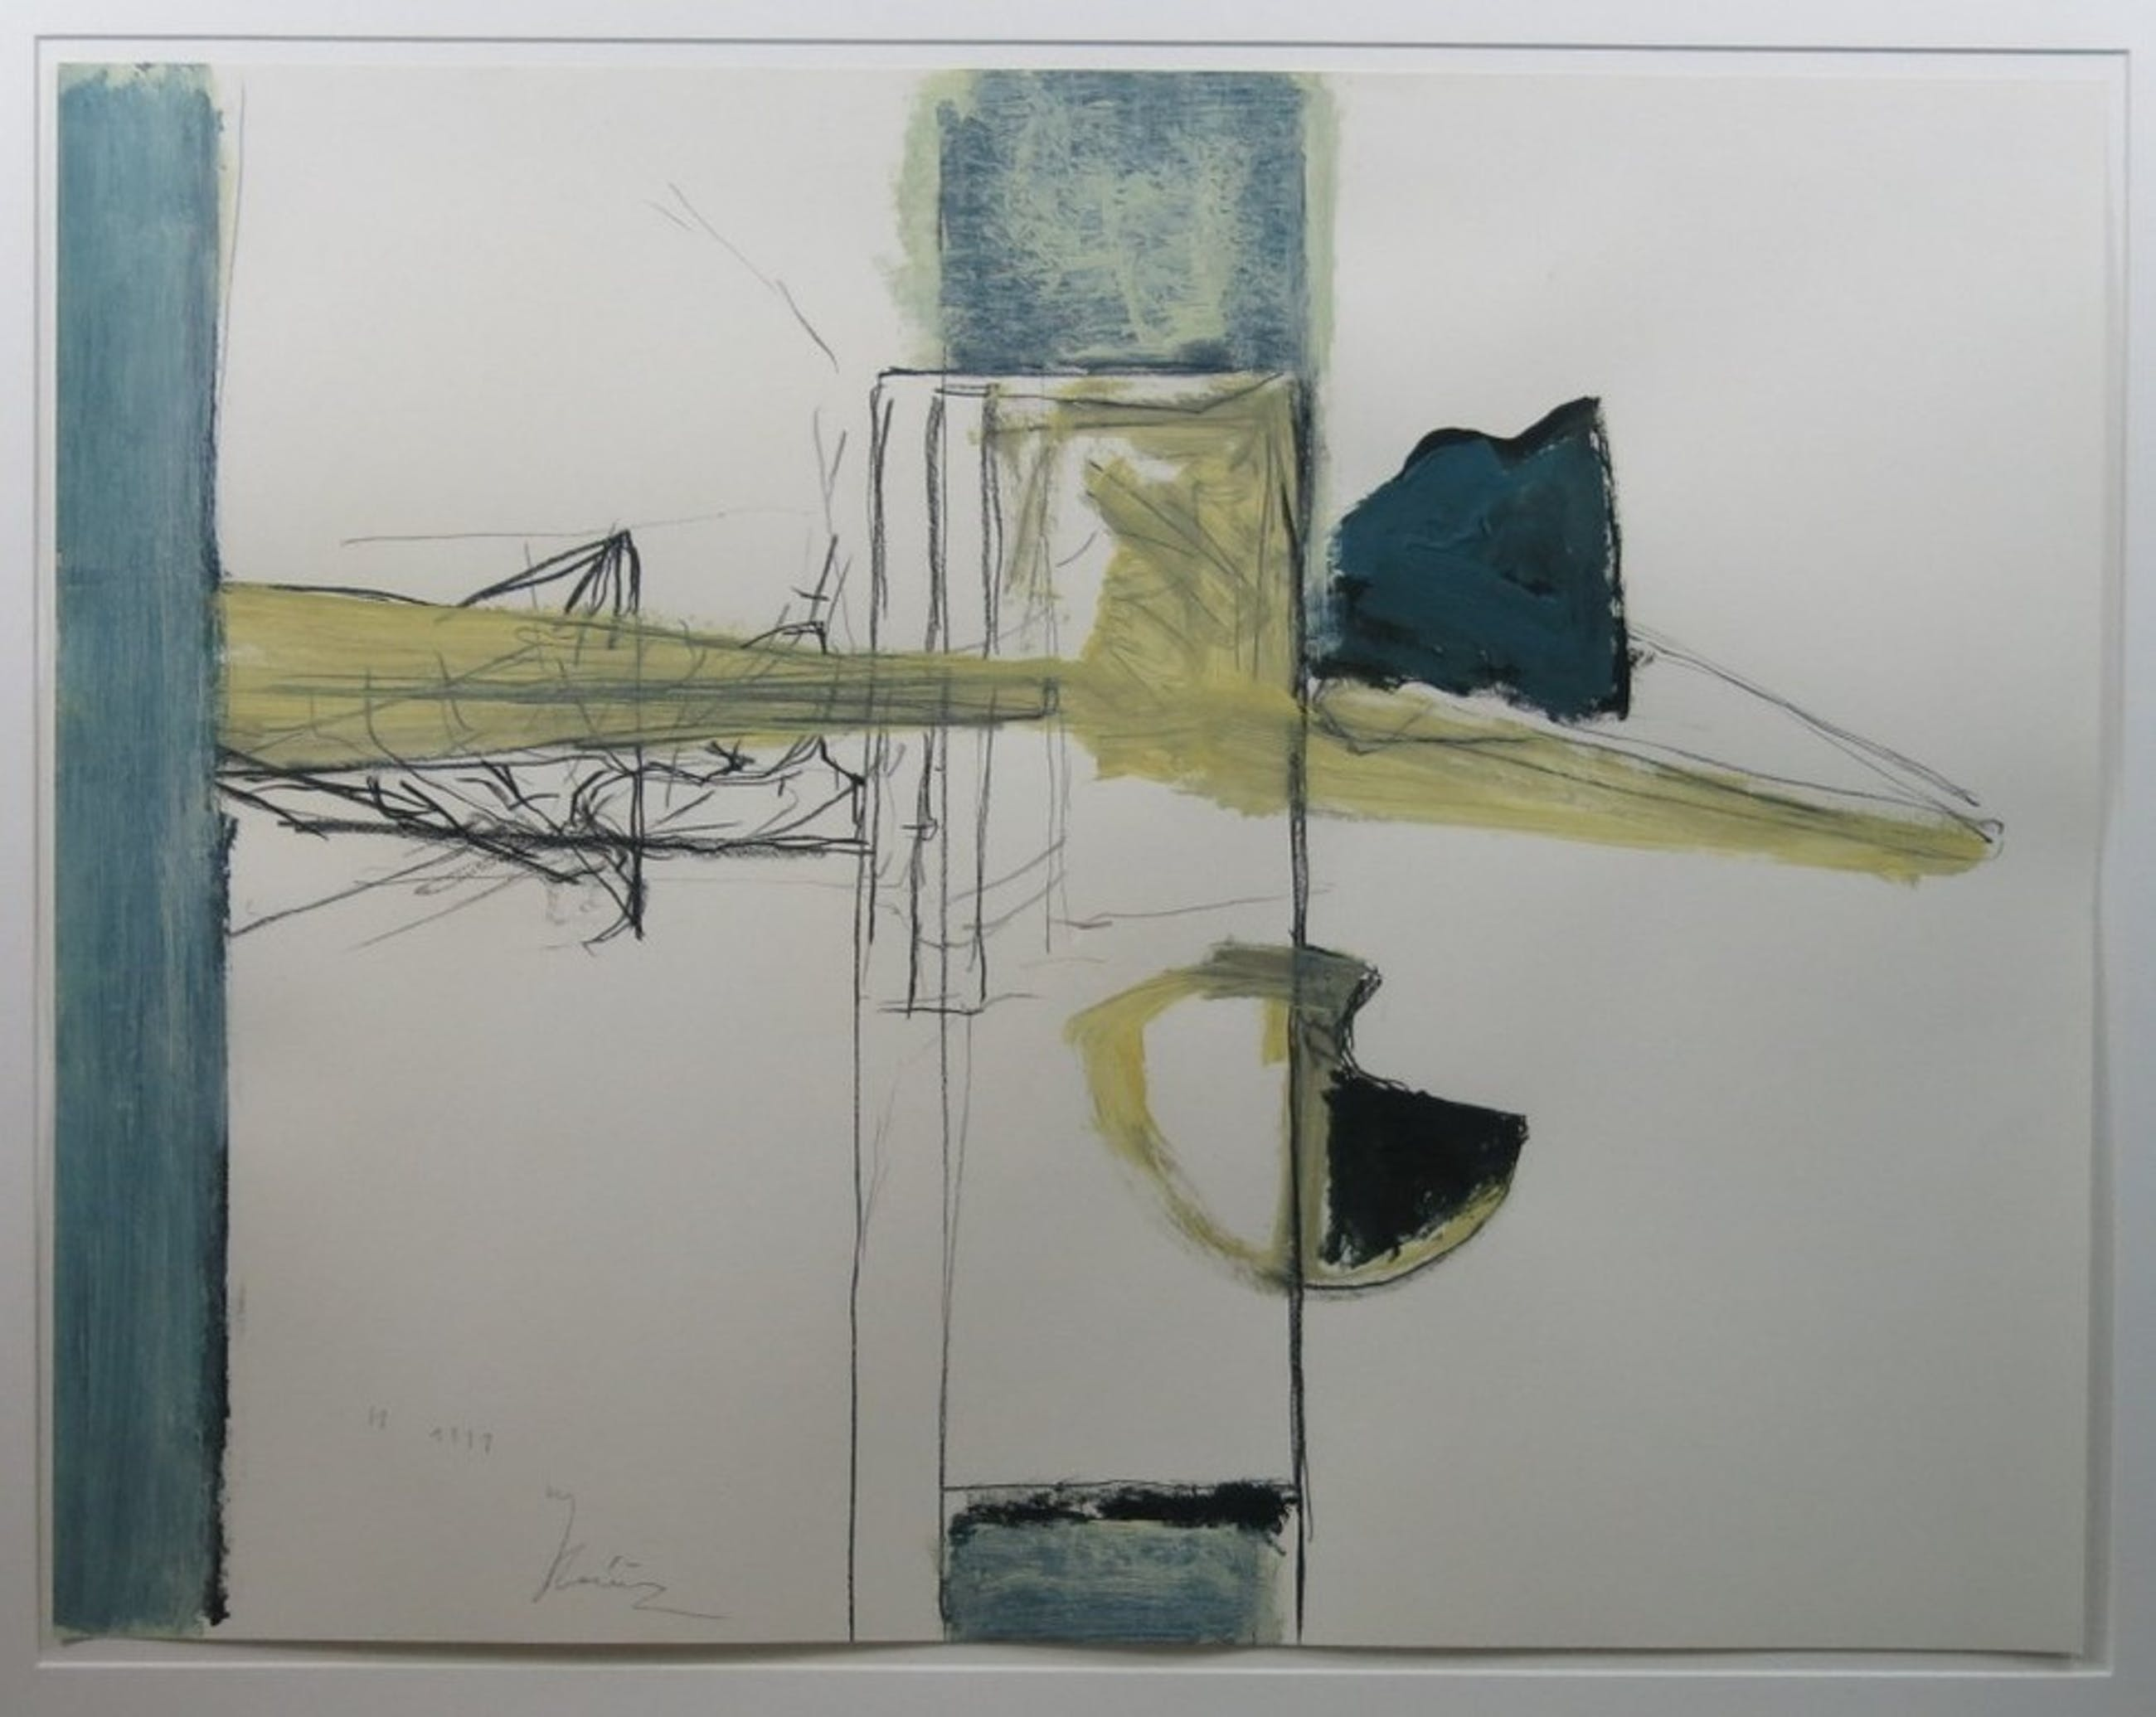 Miguel Ybanez: Acryl en krijt op papier, Abstract I -Ingelijst  kopen? Bied vanaf 150!